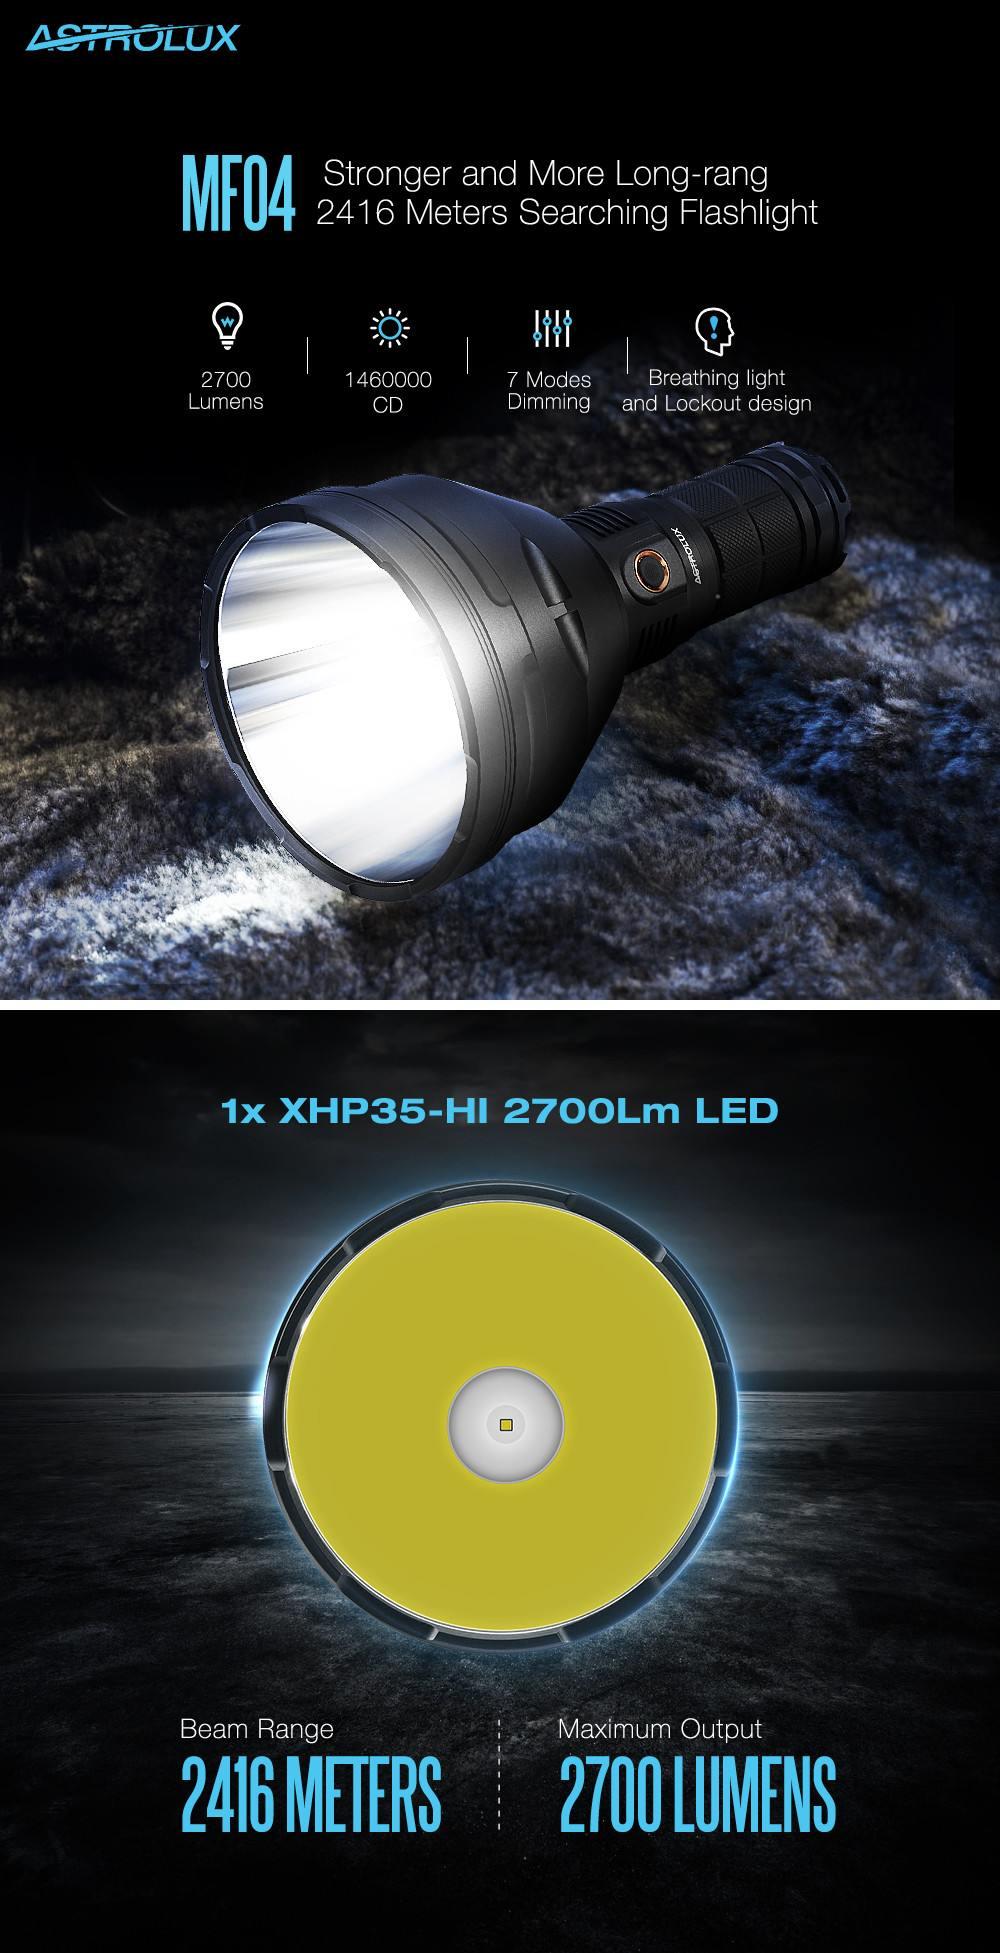 Astrolux mf04 XHP35 HI cw 2700lm 7